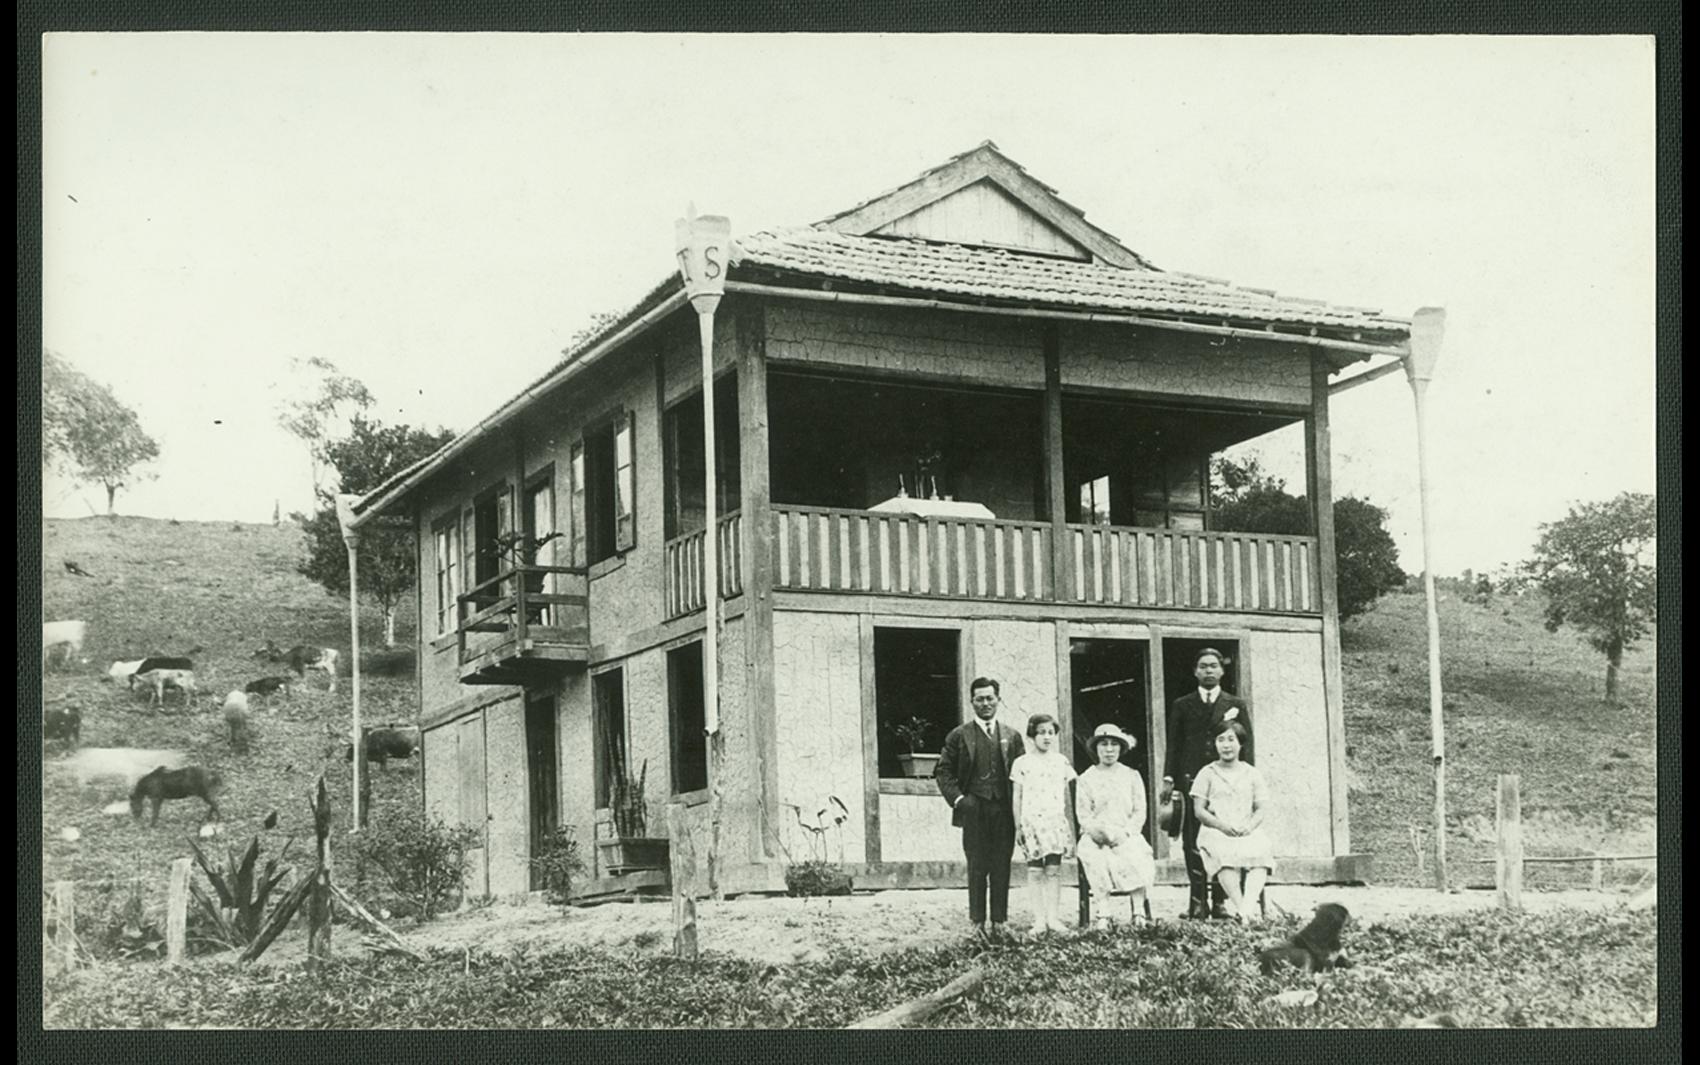 Casa de imigrante japonês no interior do estado de São Paulo no começo do século passado